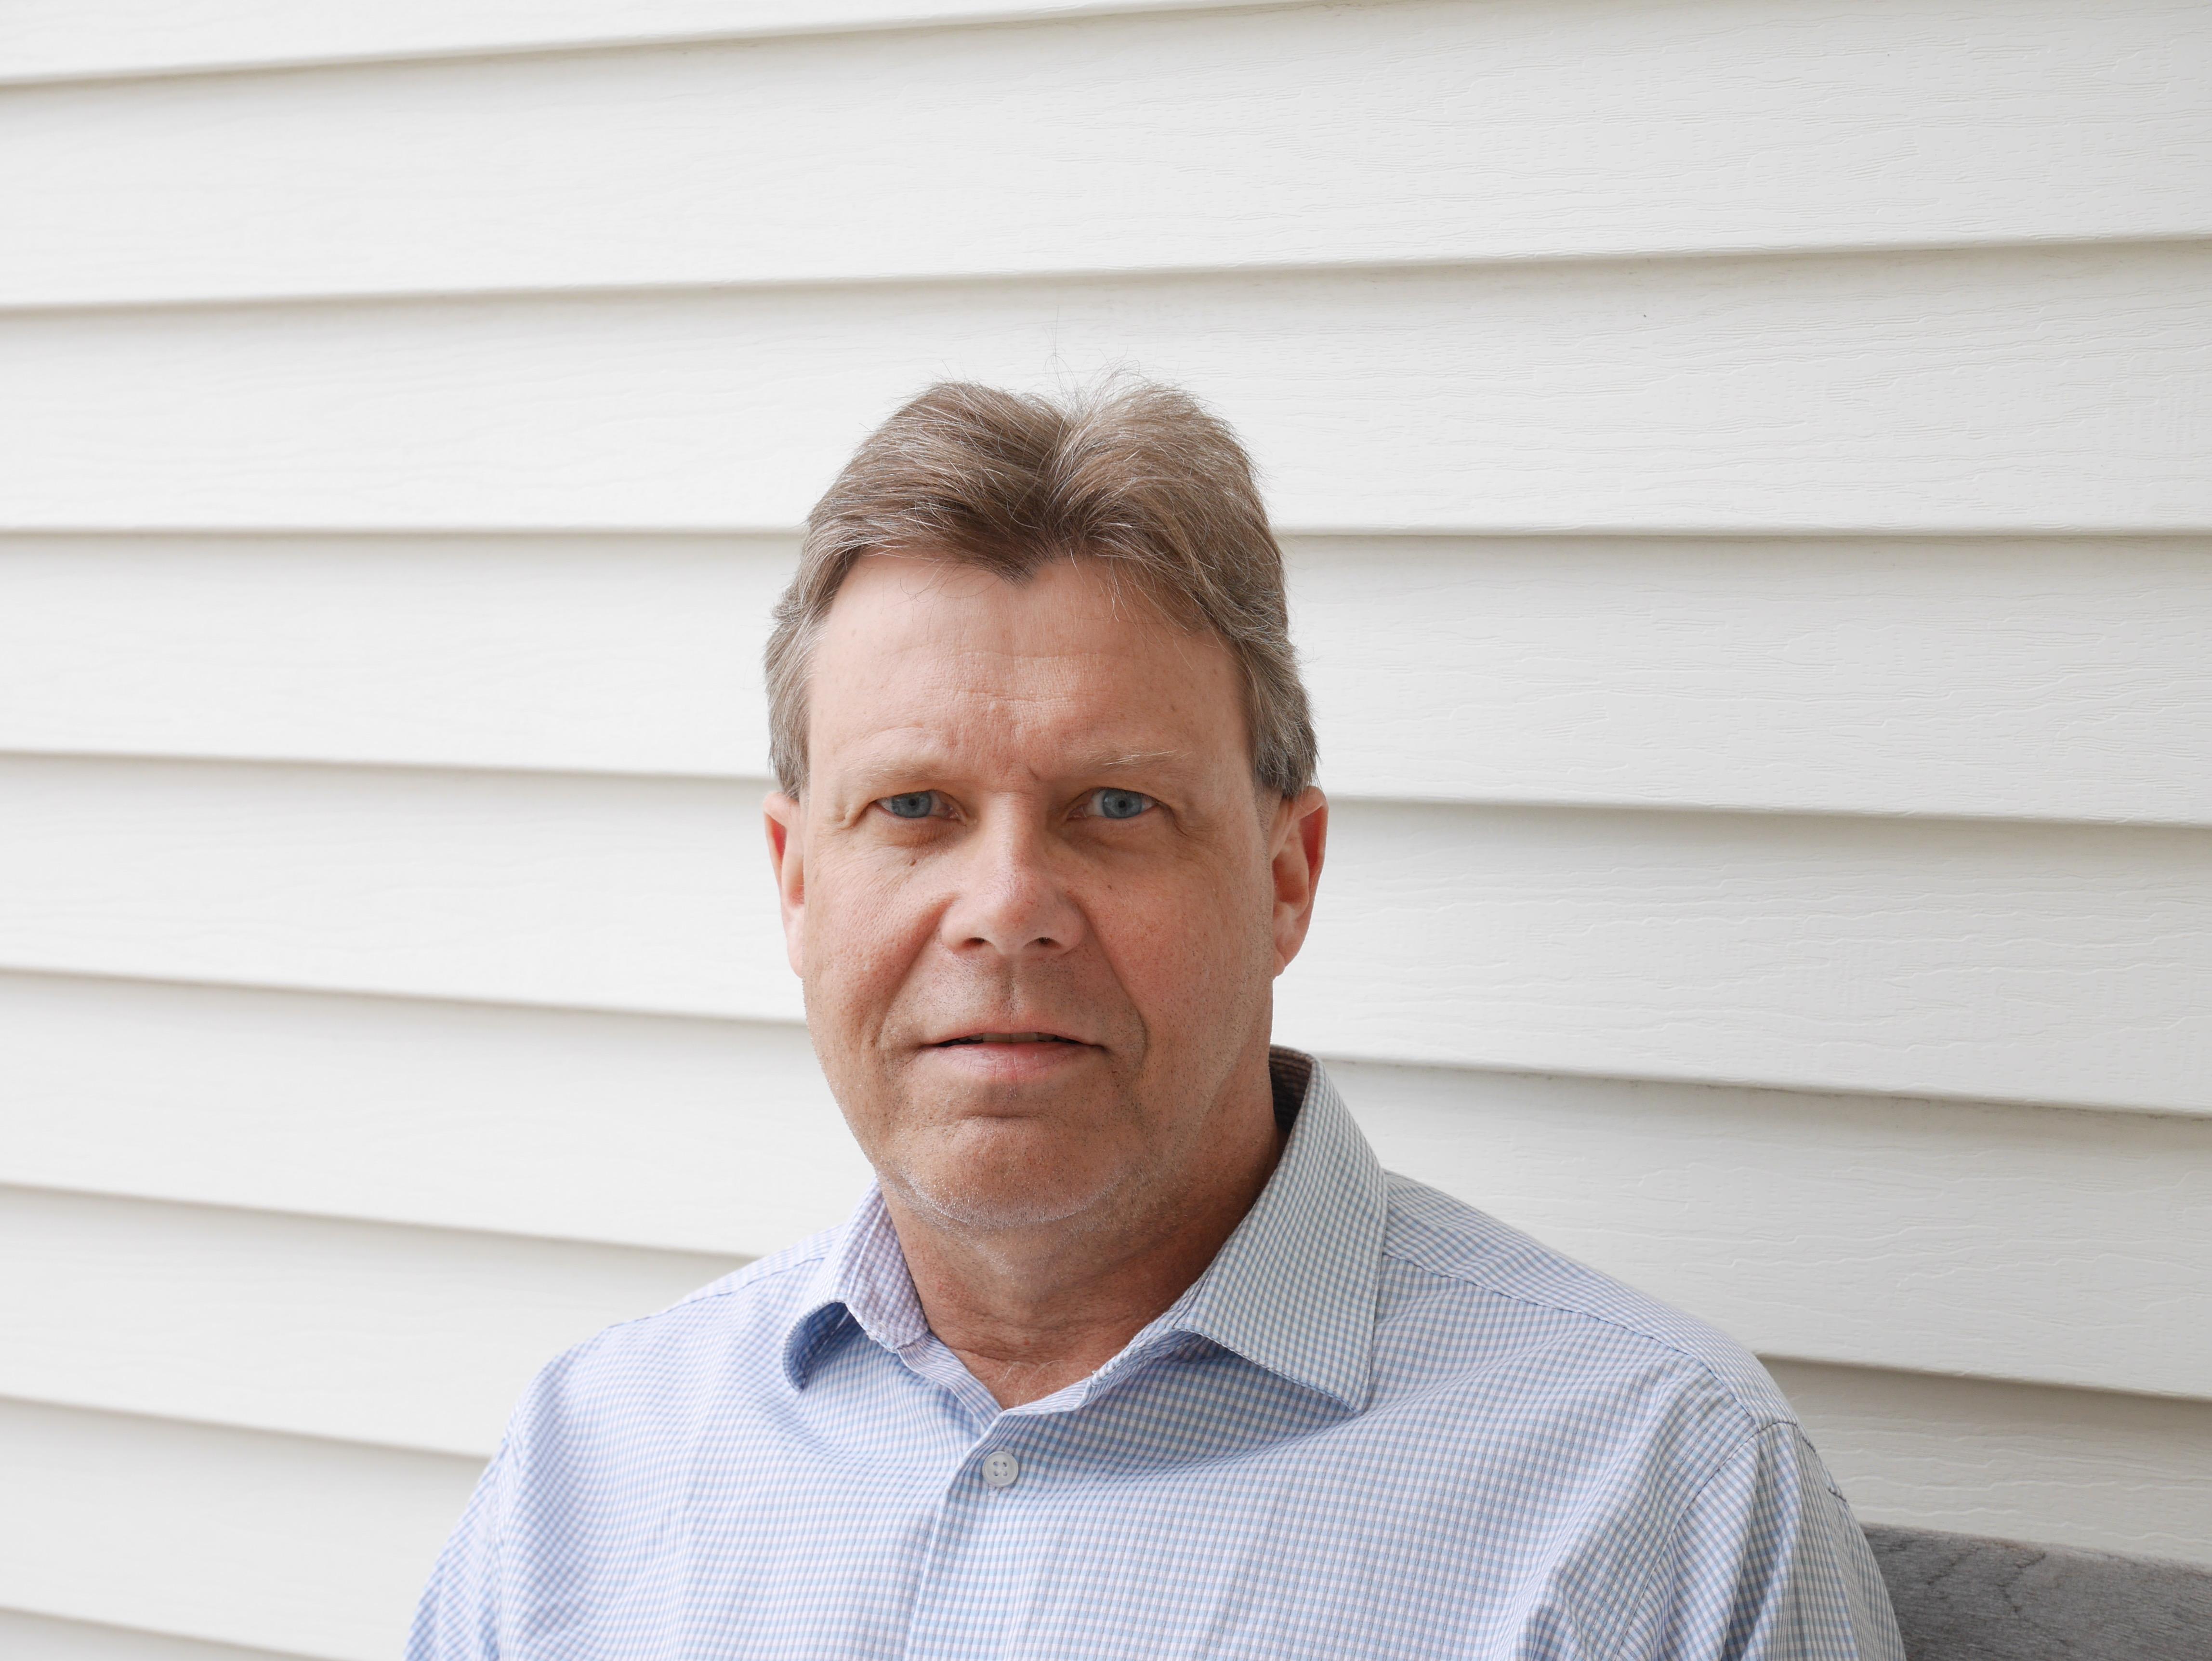 Guy Groblewski